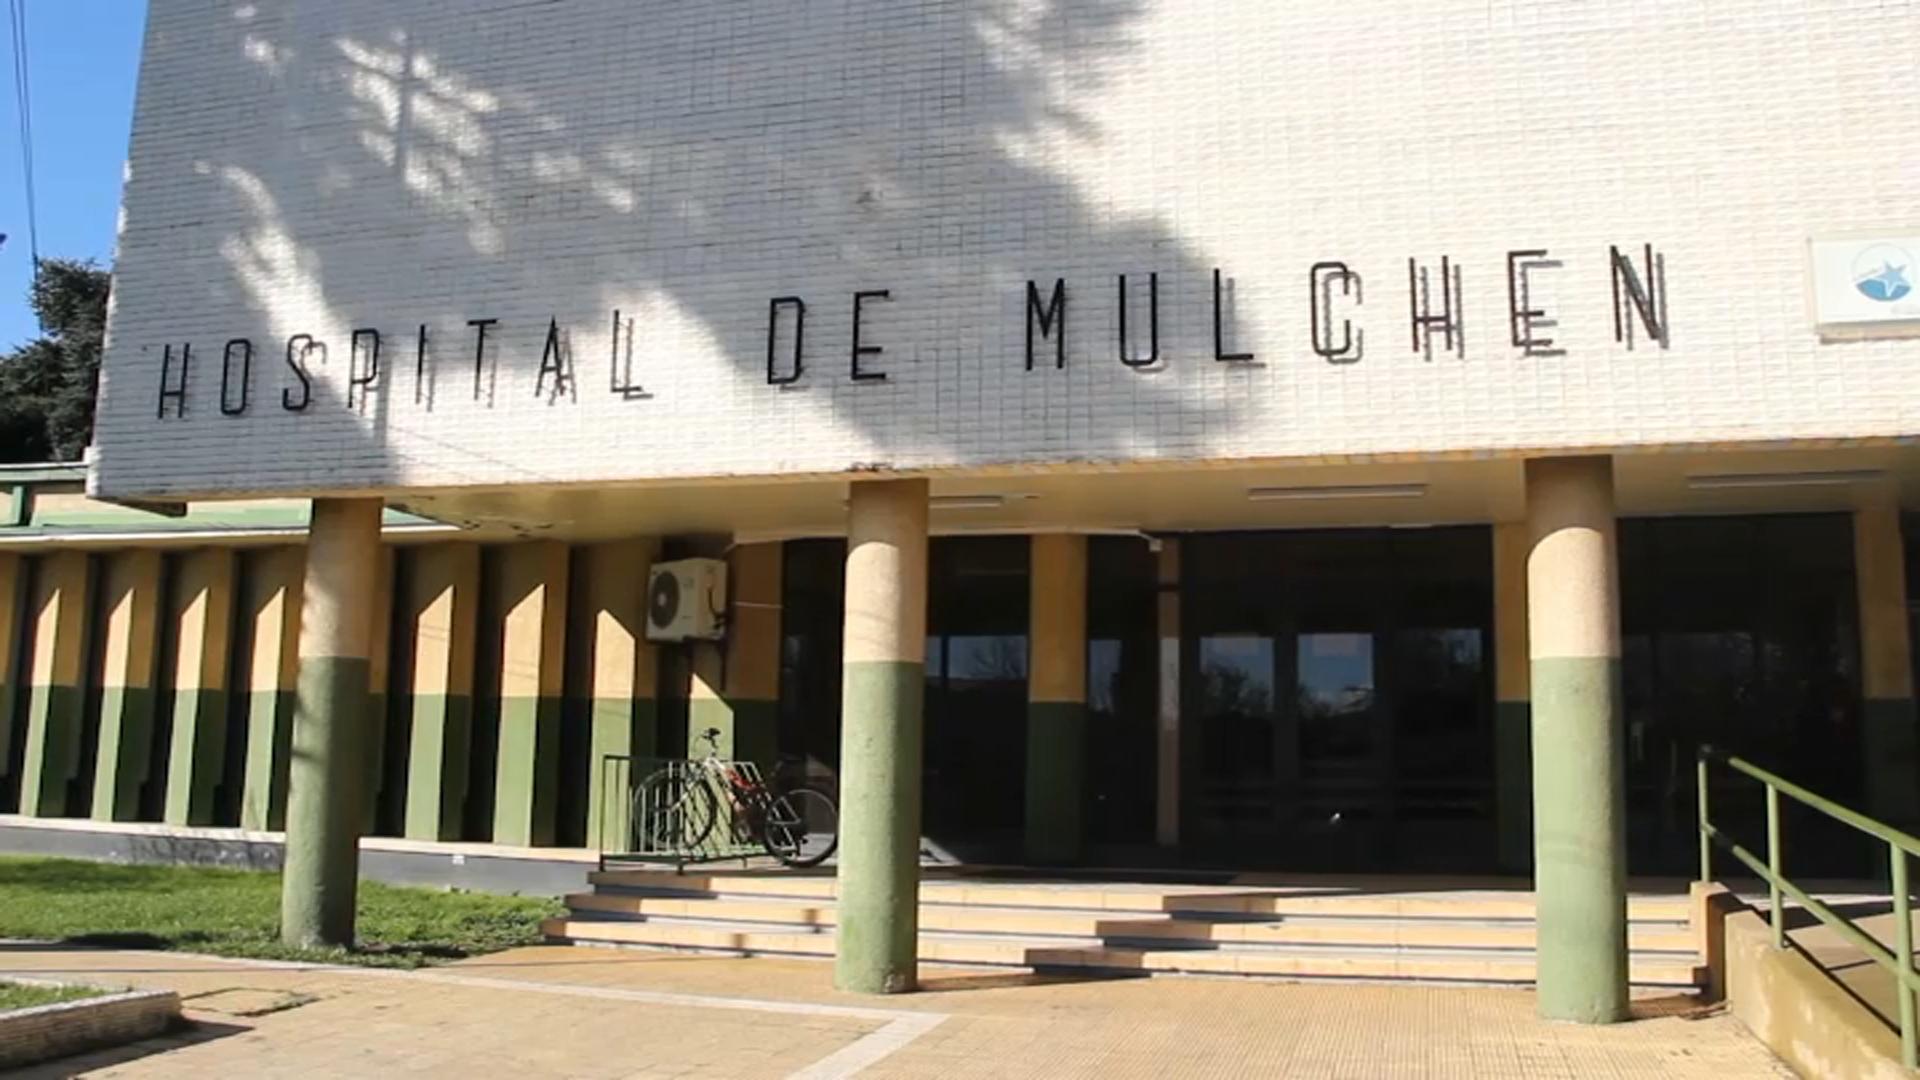 Mulchén queda a 2 casos de entrar al TOP 10 de comunas con más activos del Biobío